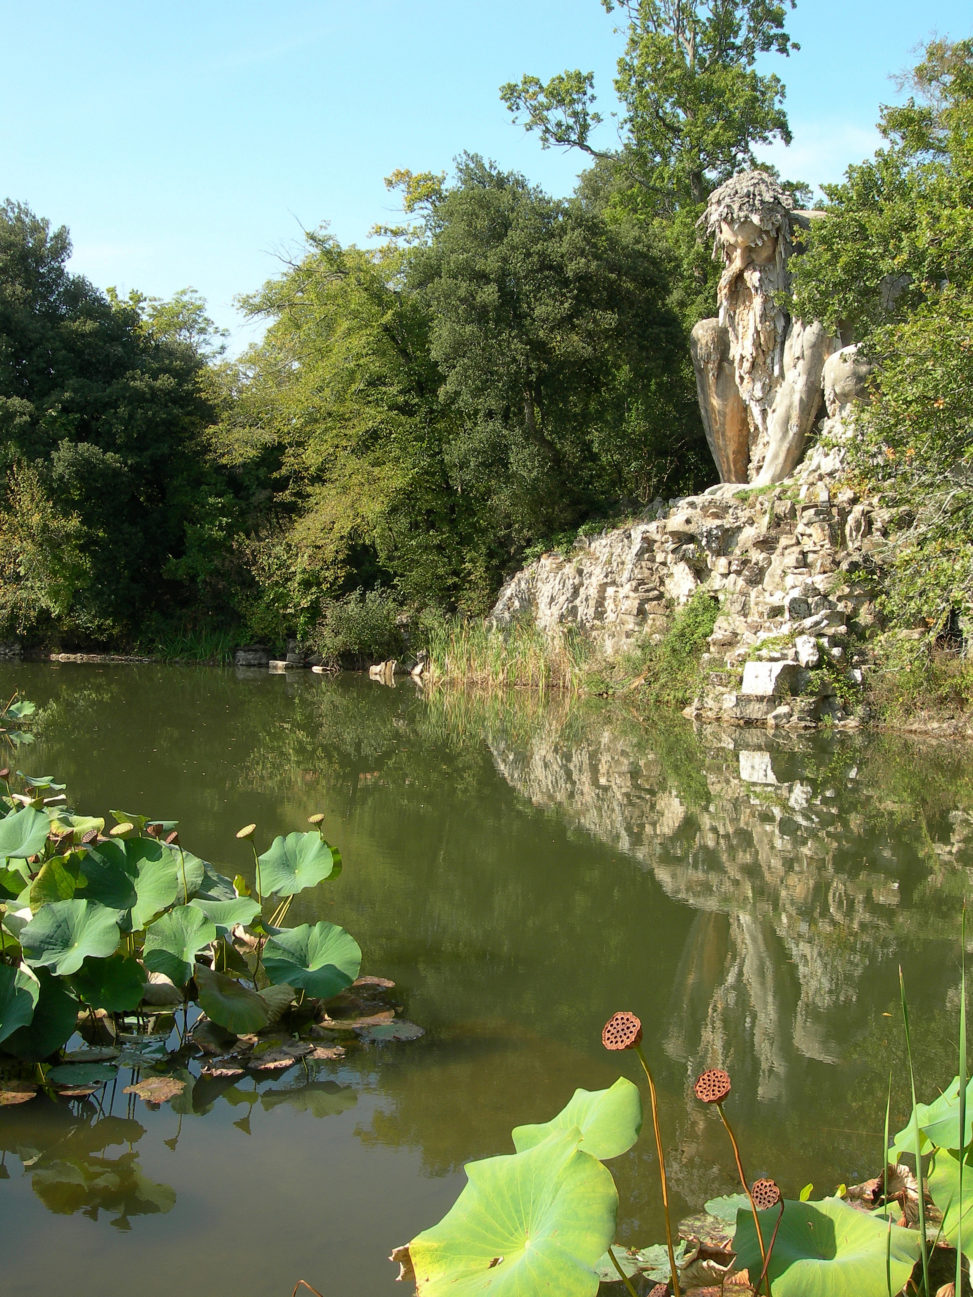 Parco di Pratolino - Il Gigante dell'Appennino - Parco di Pratolino